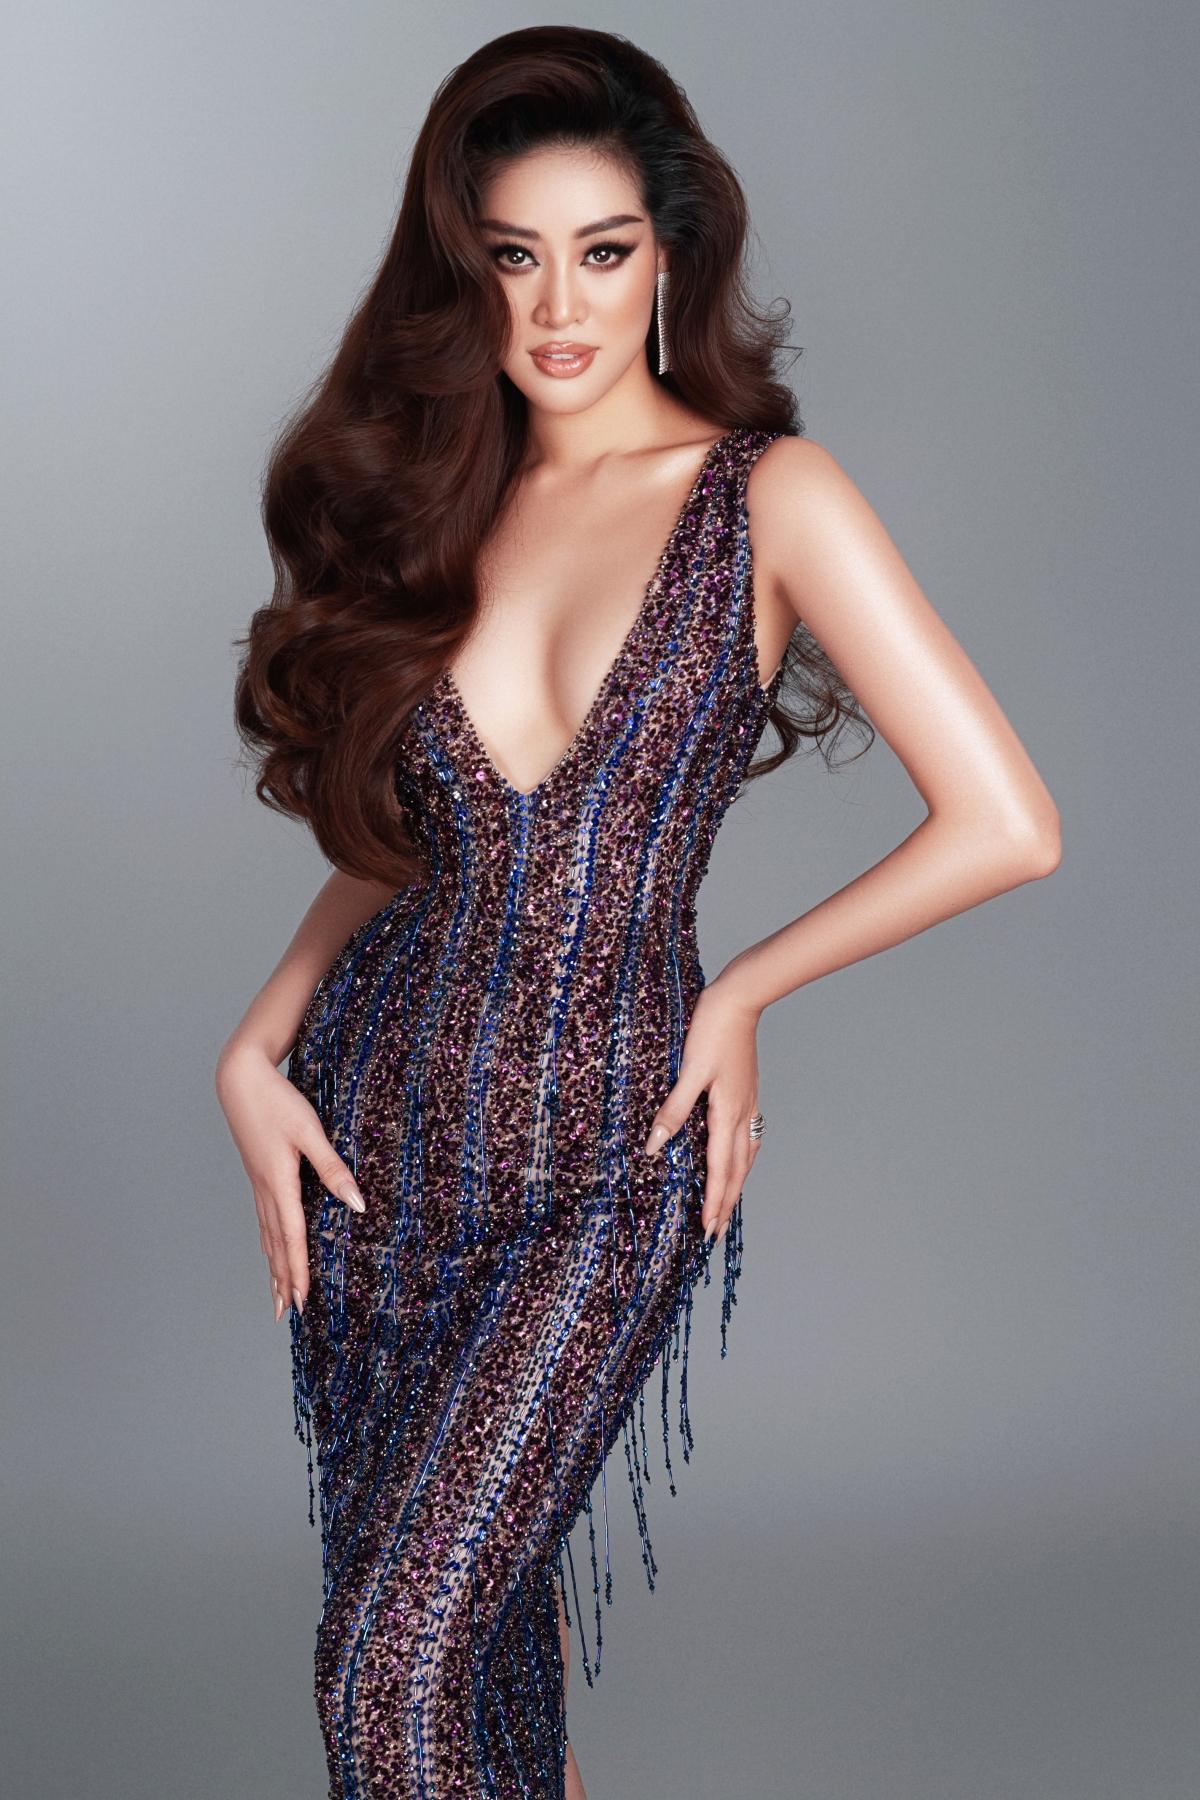 Những ngày qua, Hoa hậu Khánh Vân liên tục tạo được ấn tượng với khán giả trong và ngoài nước, bởi phong cách thời trang cá tính, linh hoạt, khéo lồng ghép các thông điệp ý nghĩa cùng thần thái tự tin, tràn đầy năng lượng.